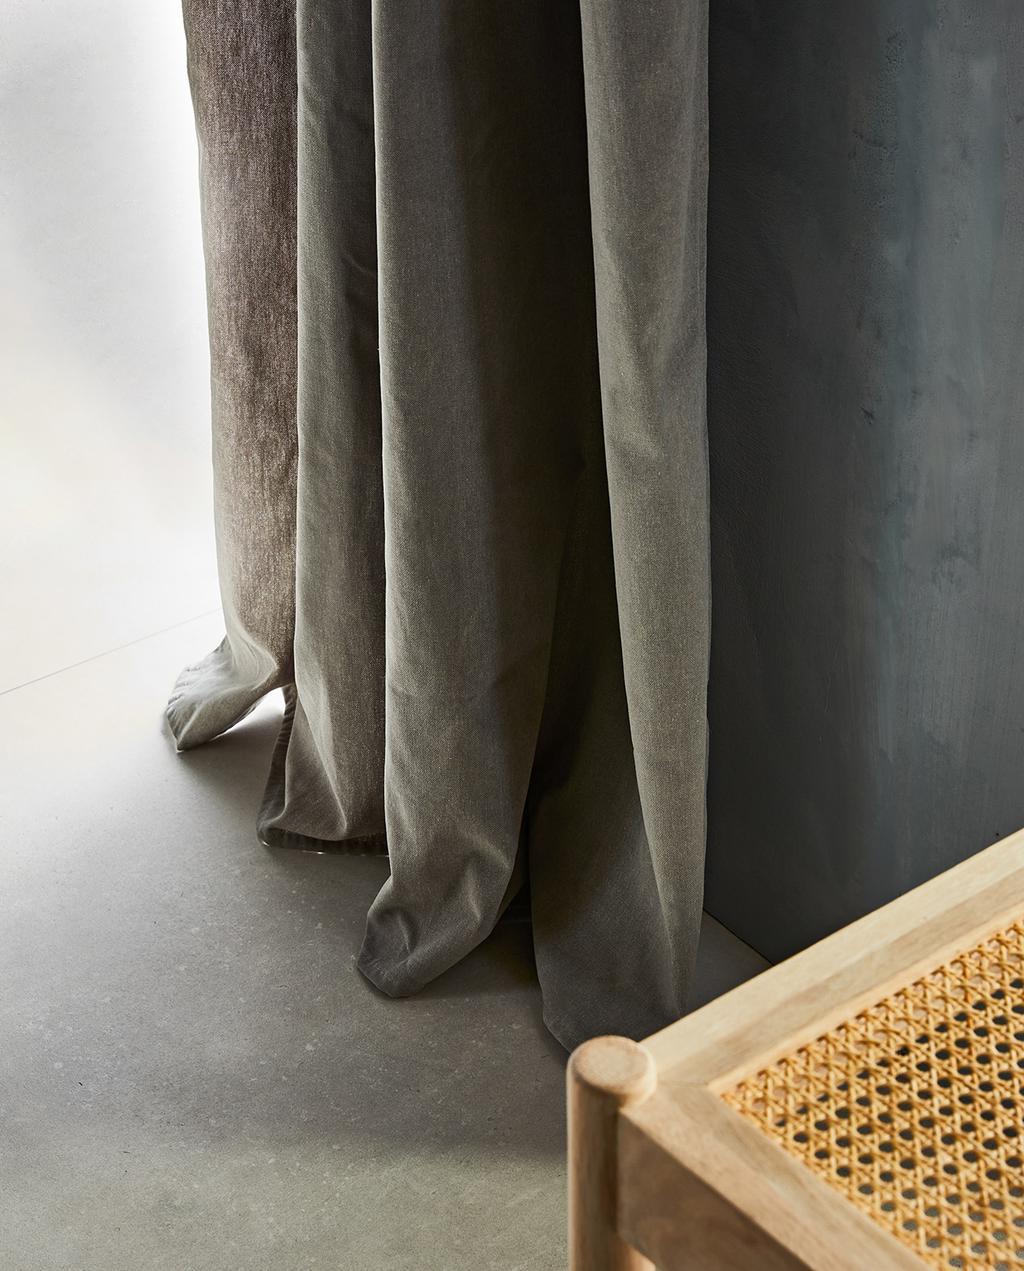 vtwonen 07-2021 | webbing stoel en grijze gordijnen I nieuwe gordijnen